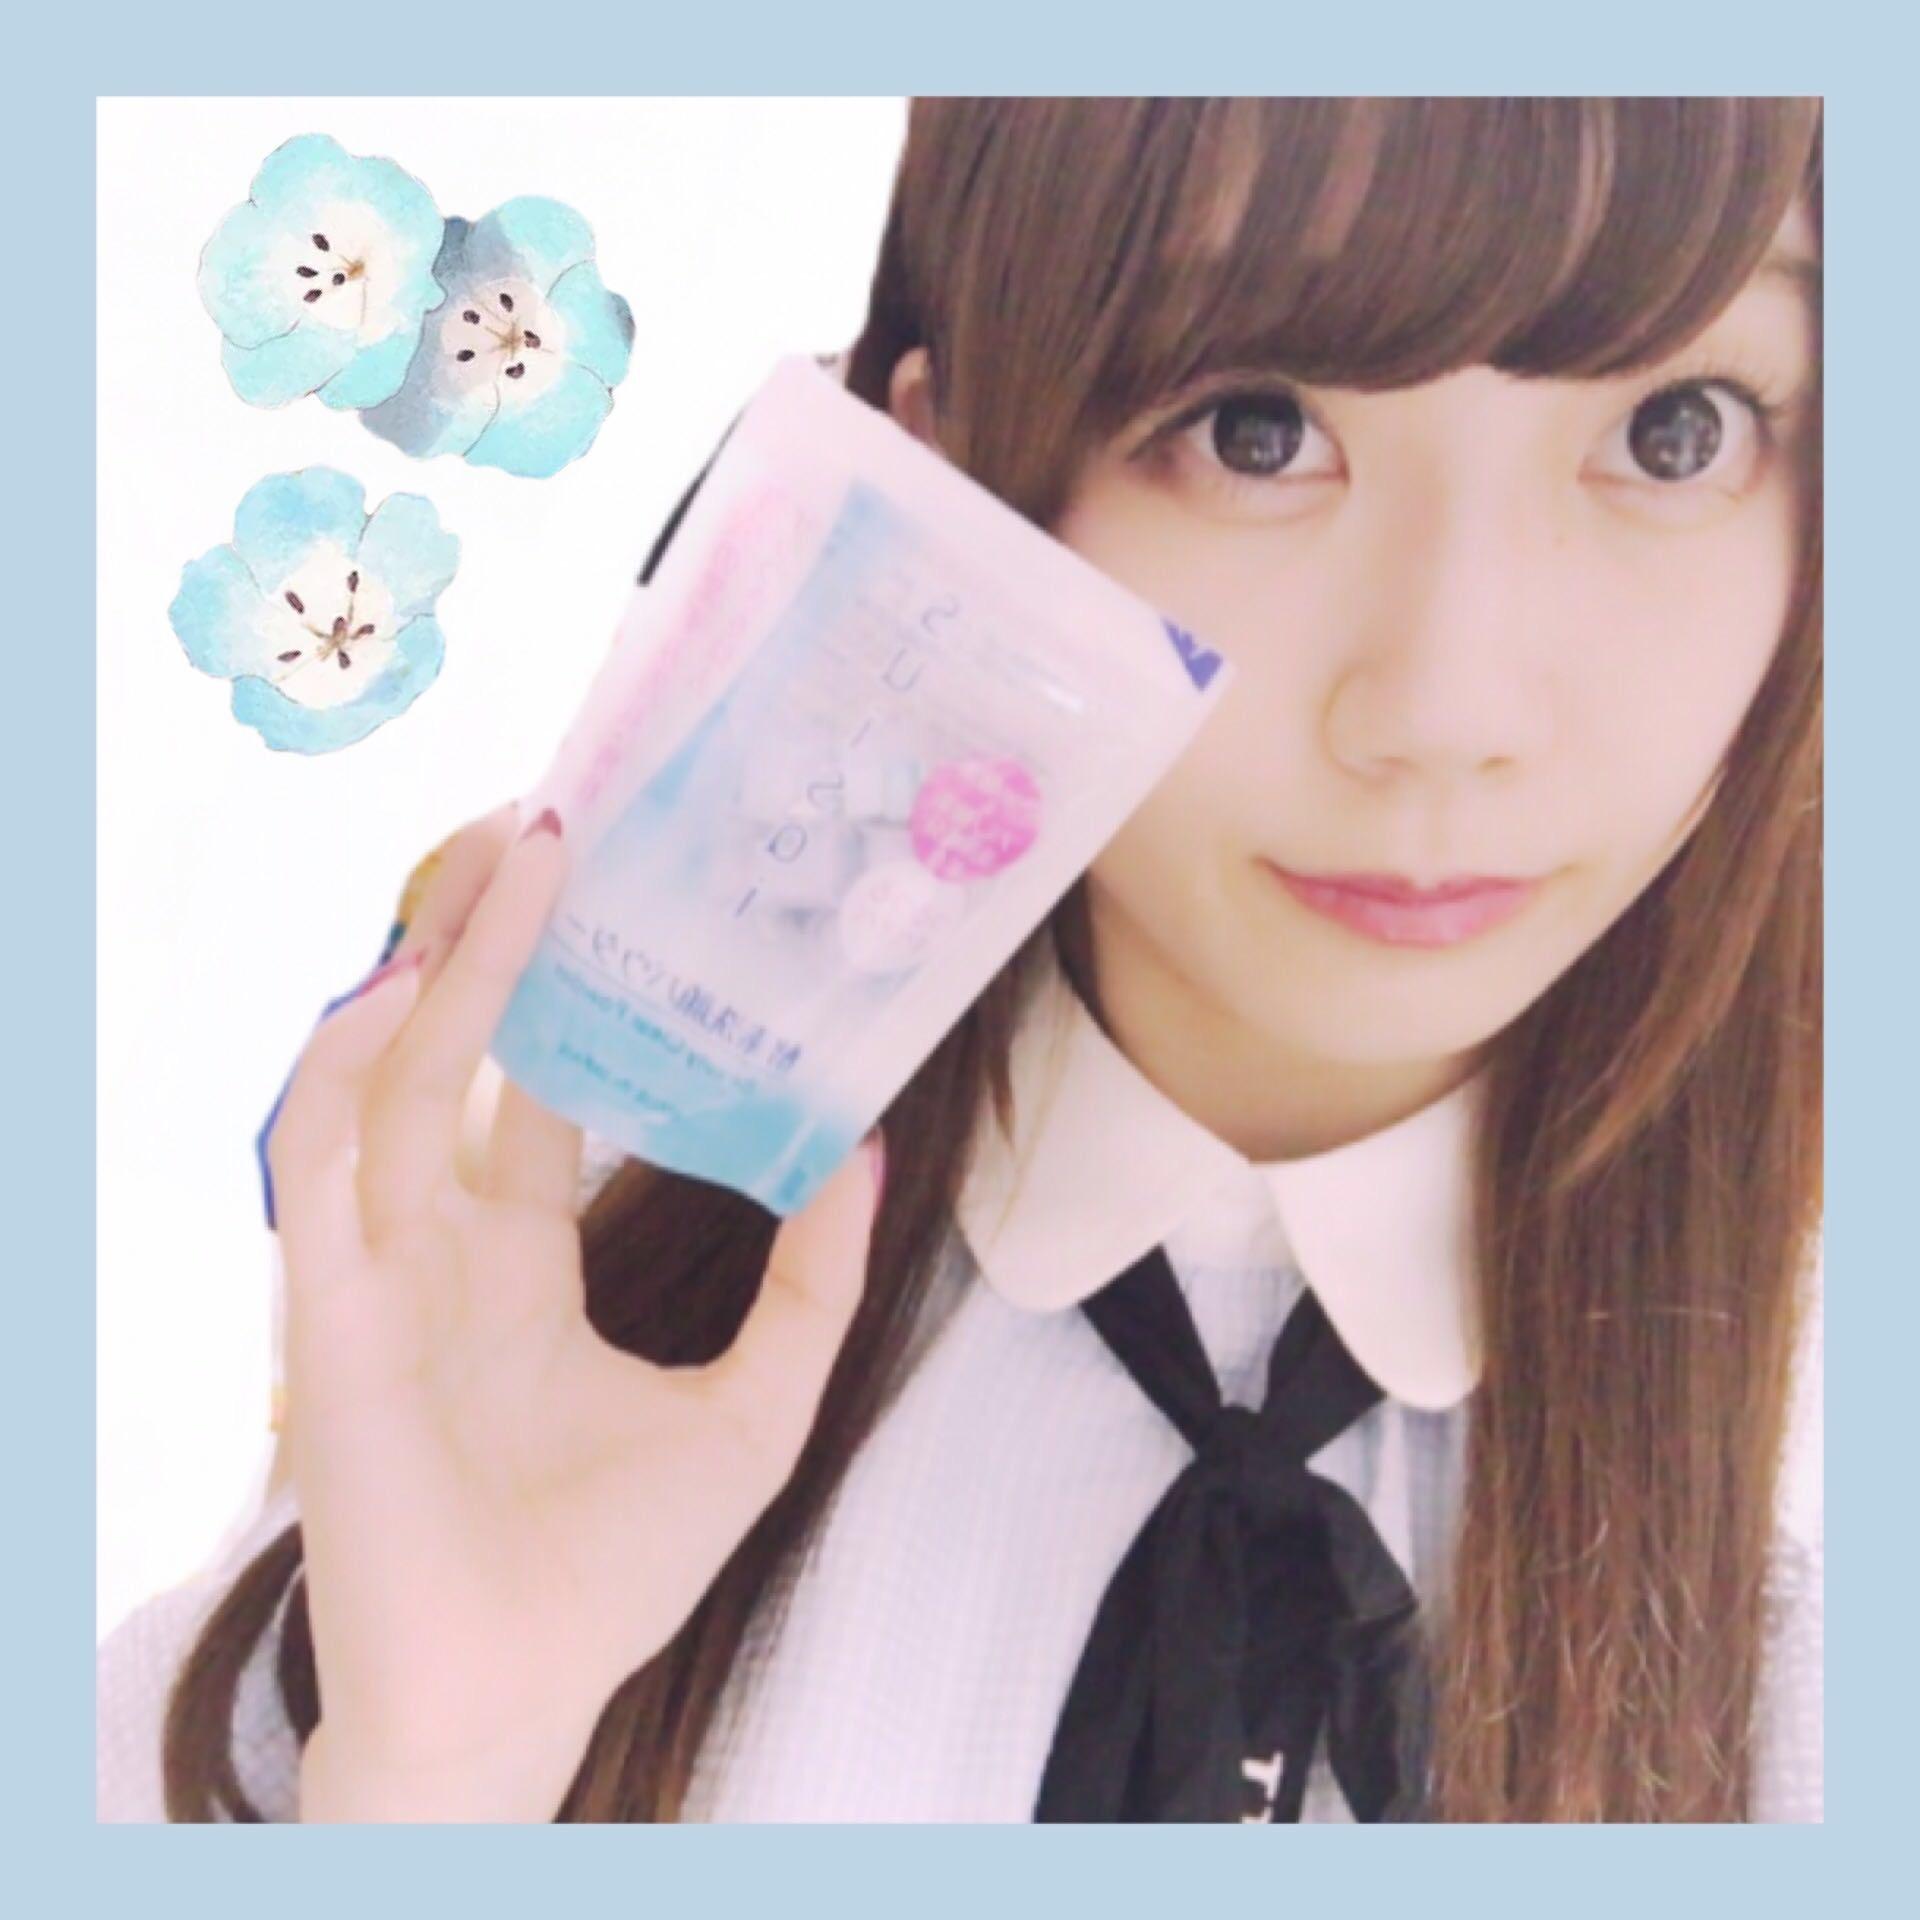 『 カネボウ suisai ローション&酵素洗顔パウダー 』1_1_1